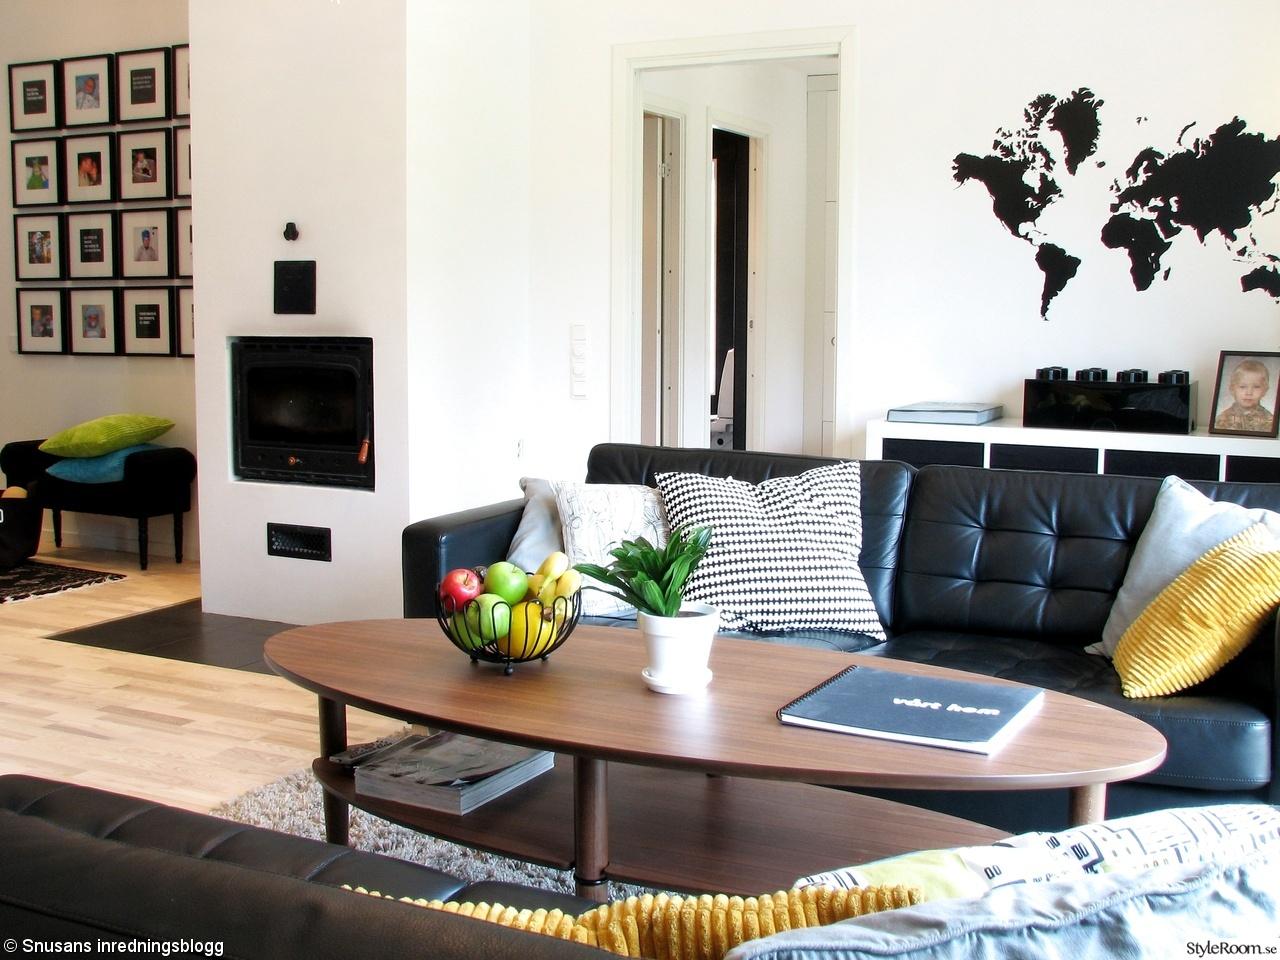 Ikea karlstad   inspiration och idéer till ditt hem